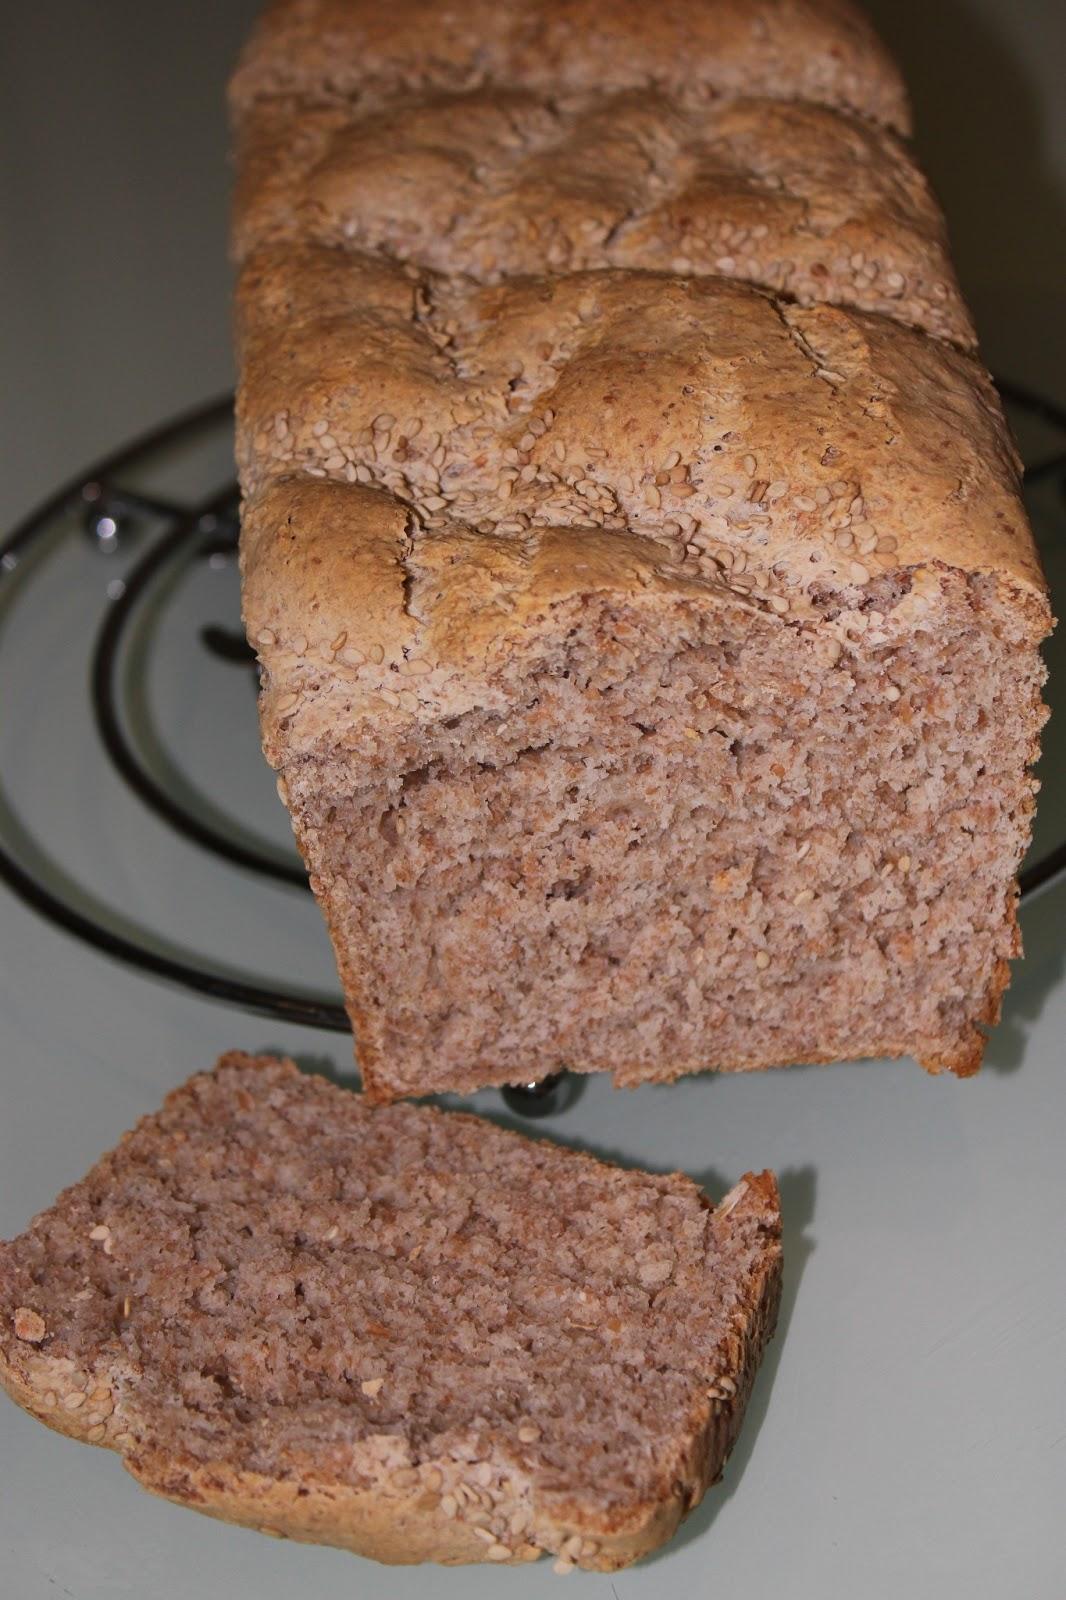 Mis Recetas Anticncer Pan de espelta integral trigo integral y centeno integral por Montse Arias